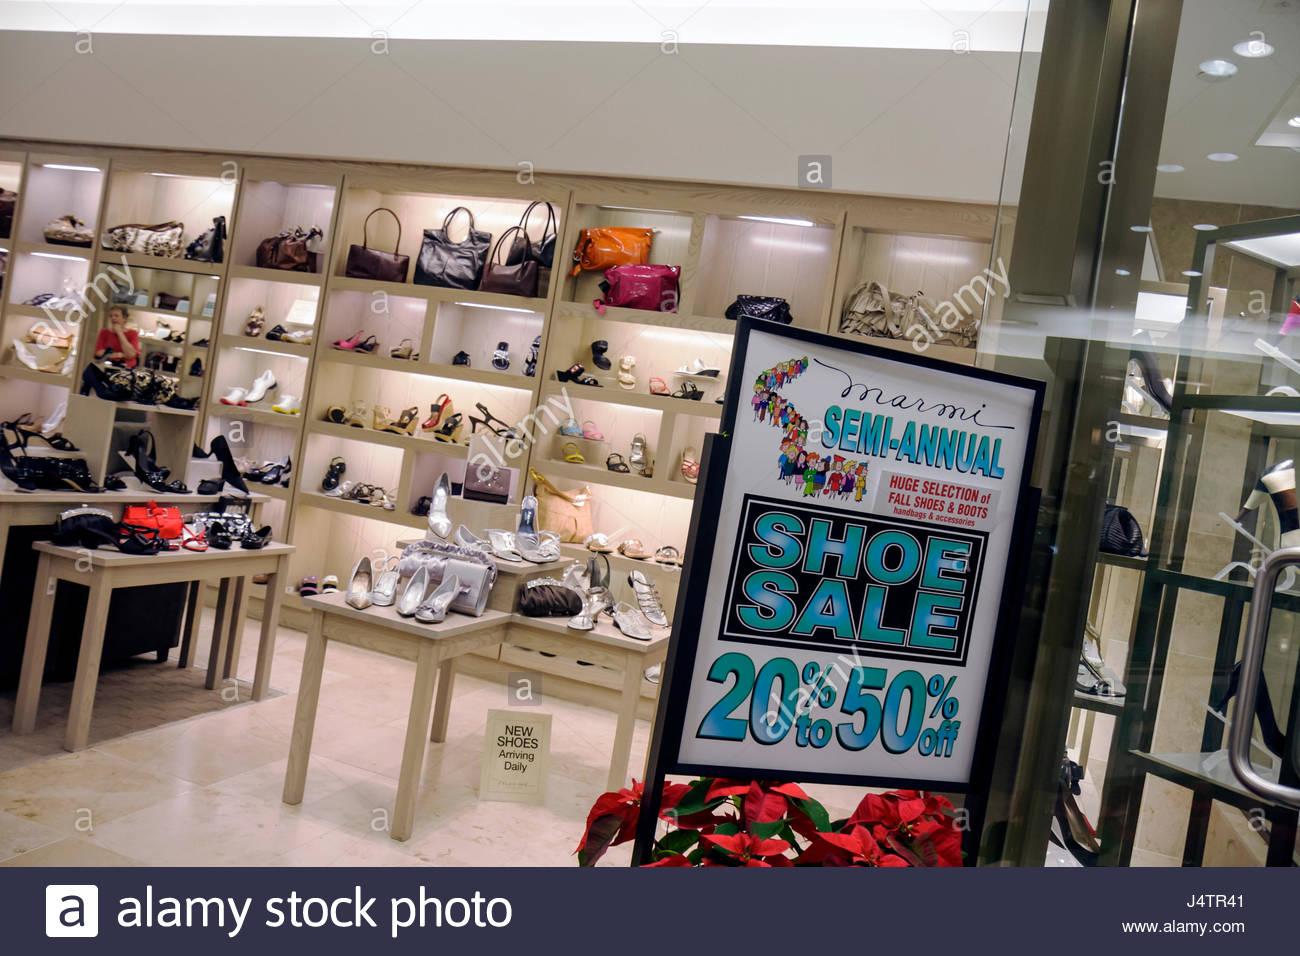 Palm Beach Gardens Los Jardines Florida Mall tienda negocios tiendas  calzado zapatos Marmi entrada vacía firmar los carteles no c 3867c1408f01